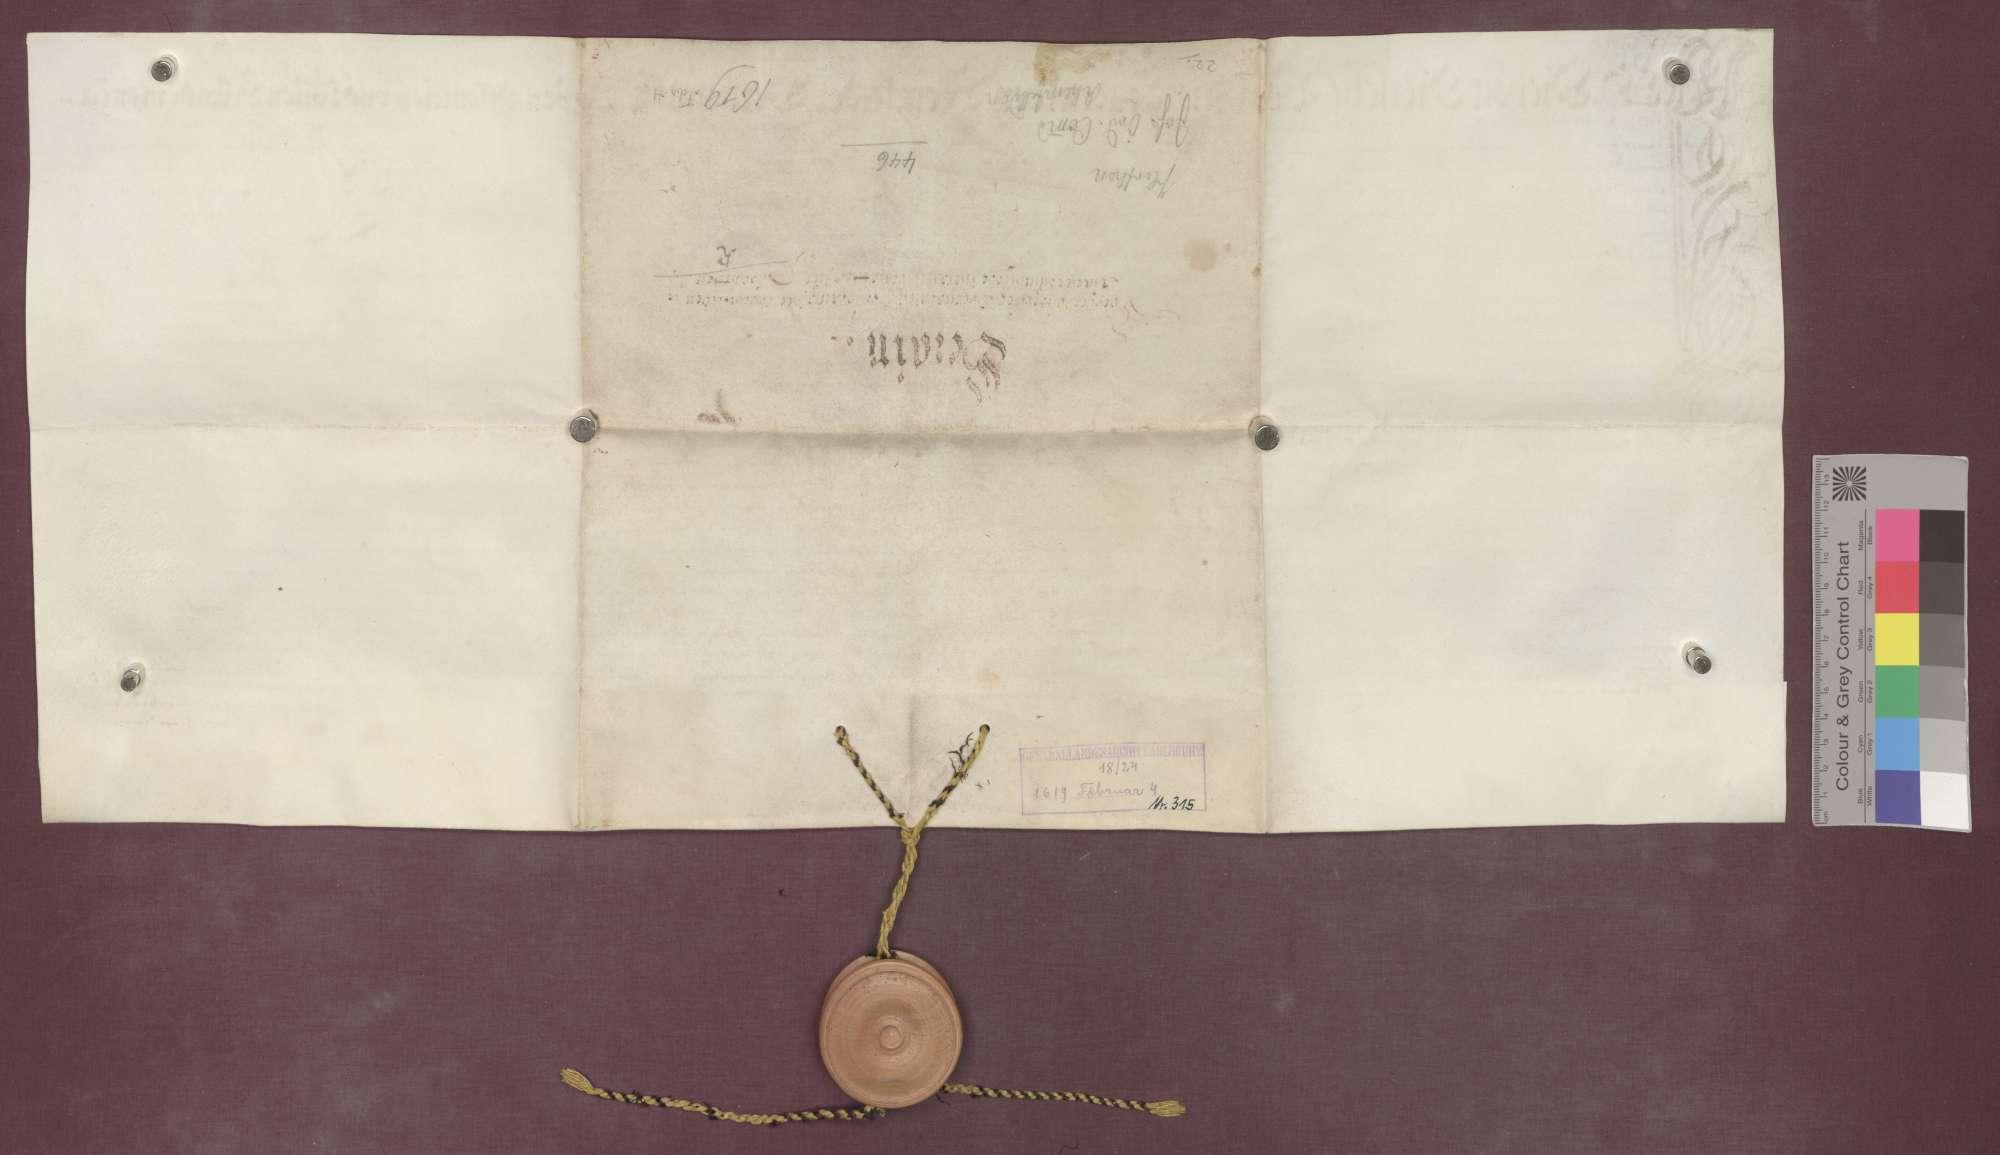 Berainbrief über die Güter der Johanniter-Kommende zu Rheinfelden (Komtur Georg Burkhard von Schauenburg) zu Herten, ausgestellt von dem Vogt zu Degerfelden und den Gerichtspersonen zu Herten und Degerfelden., Bild 2